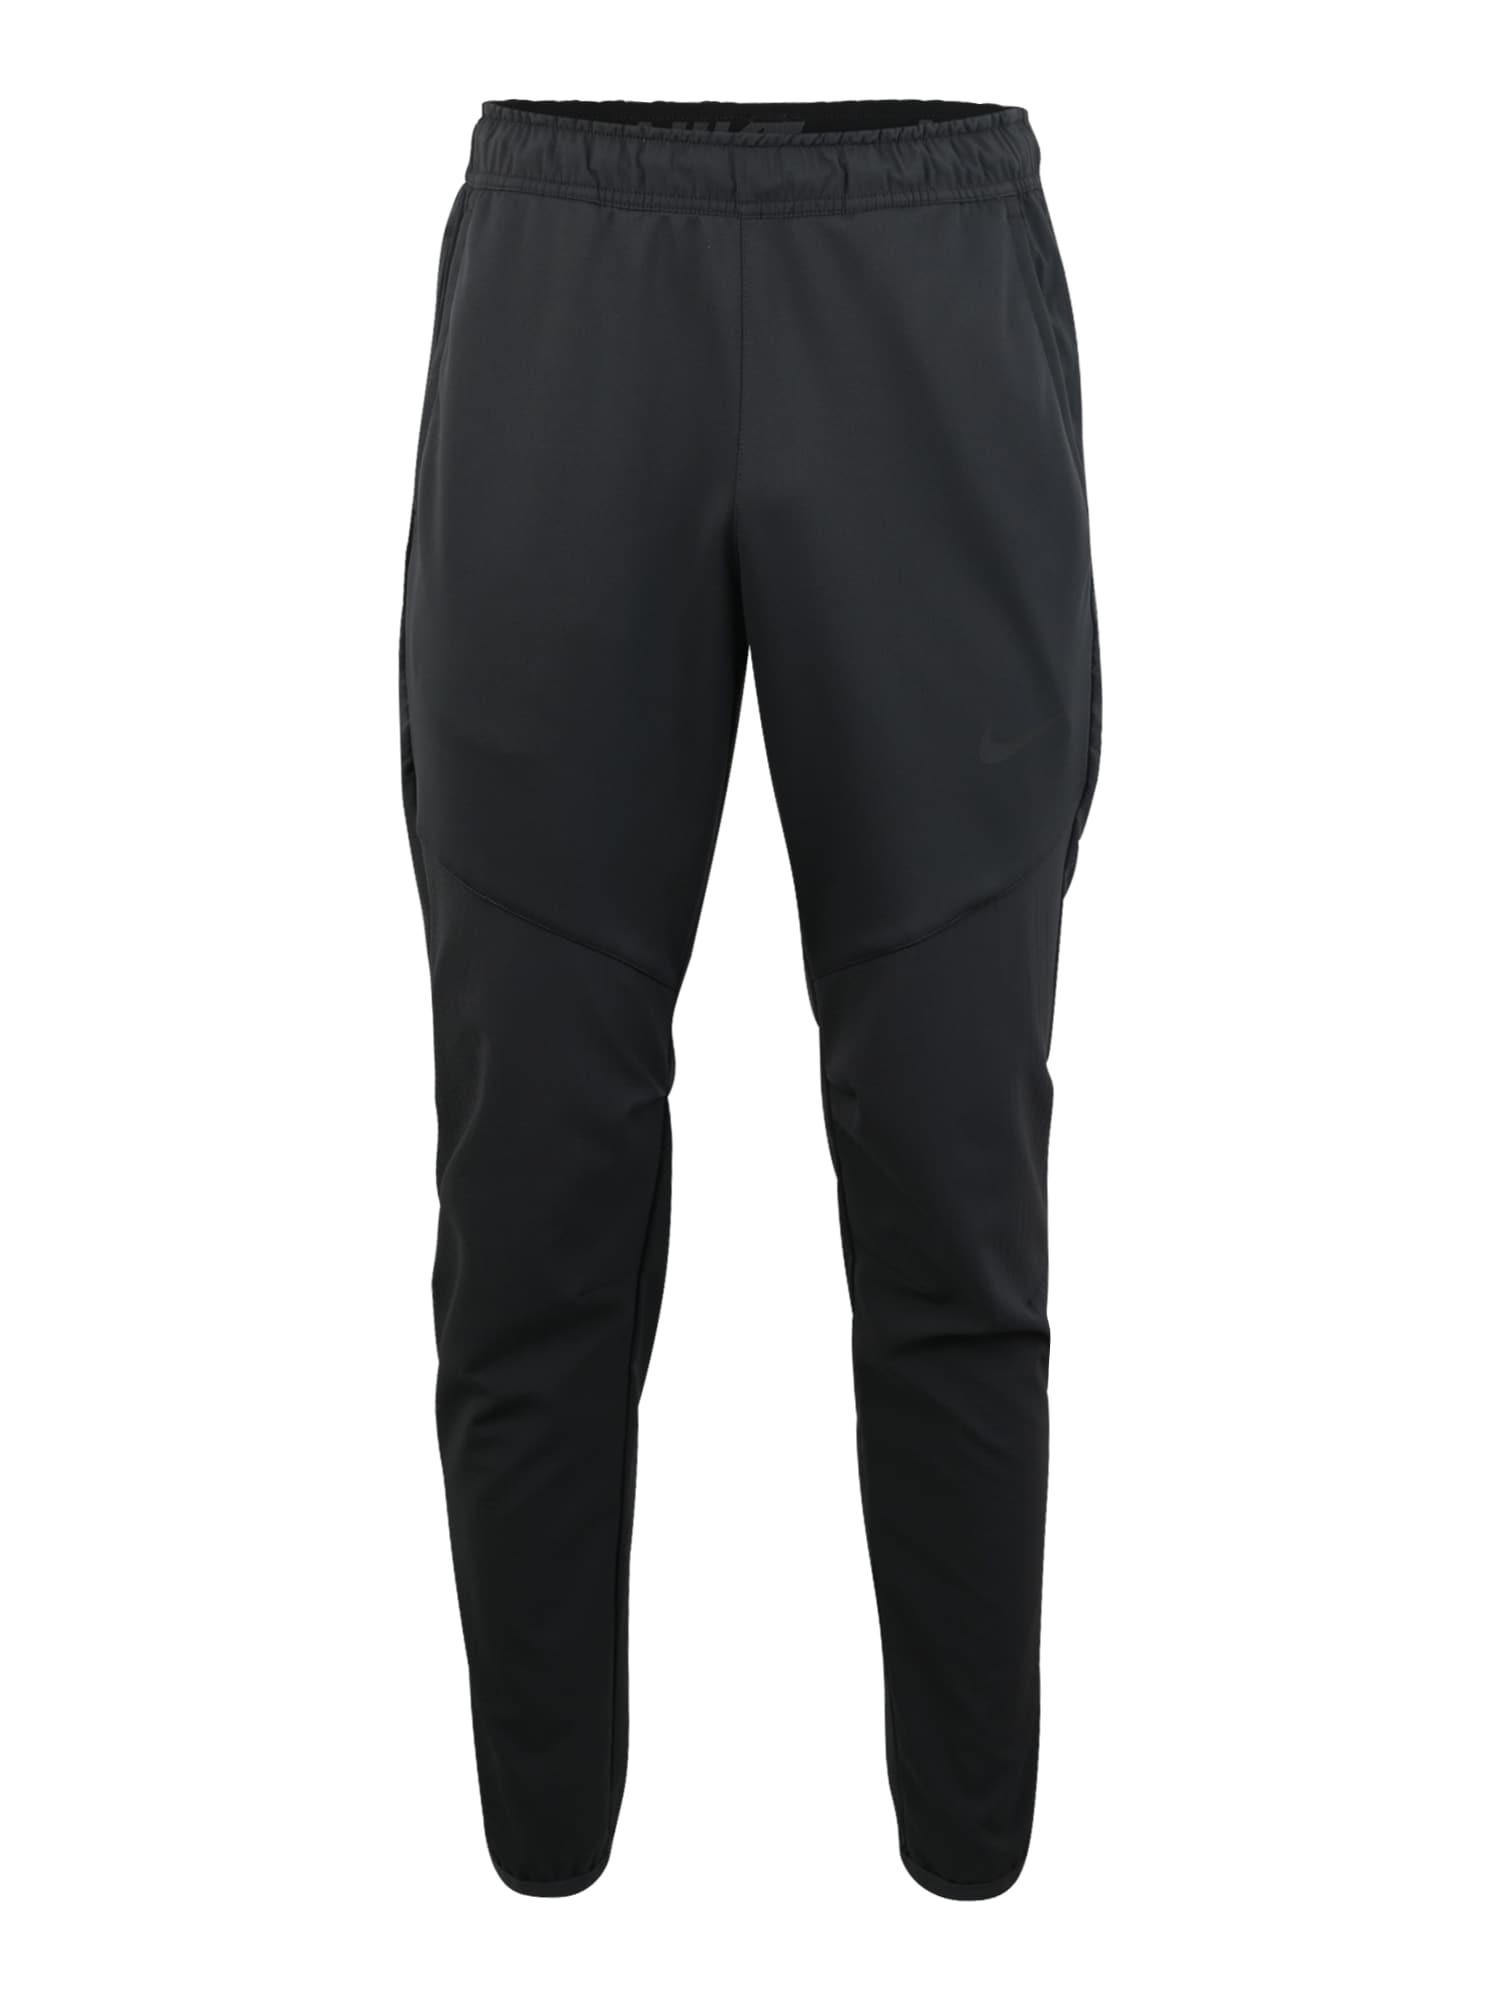 Sportovní kalhoty Nike Flex tmavě šedá NIKE